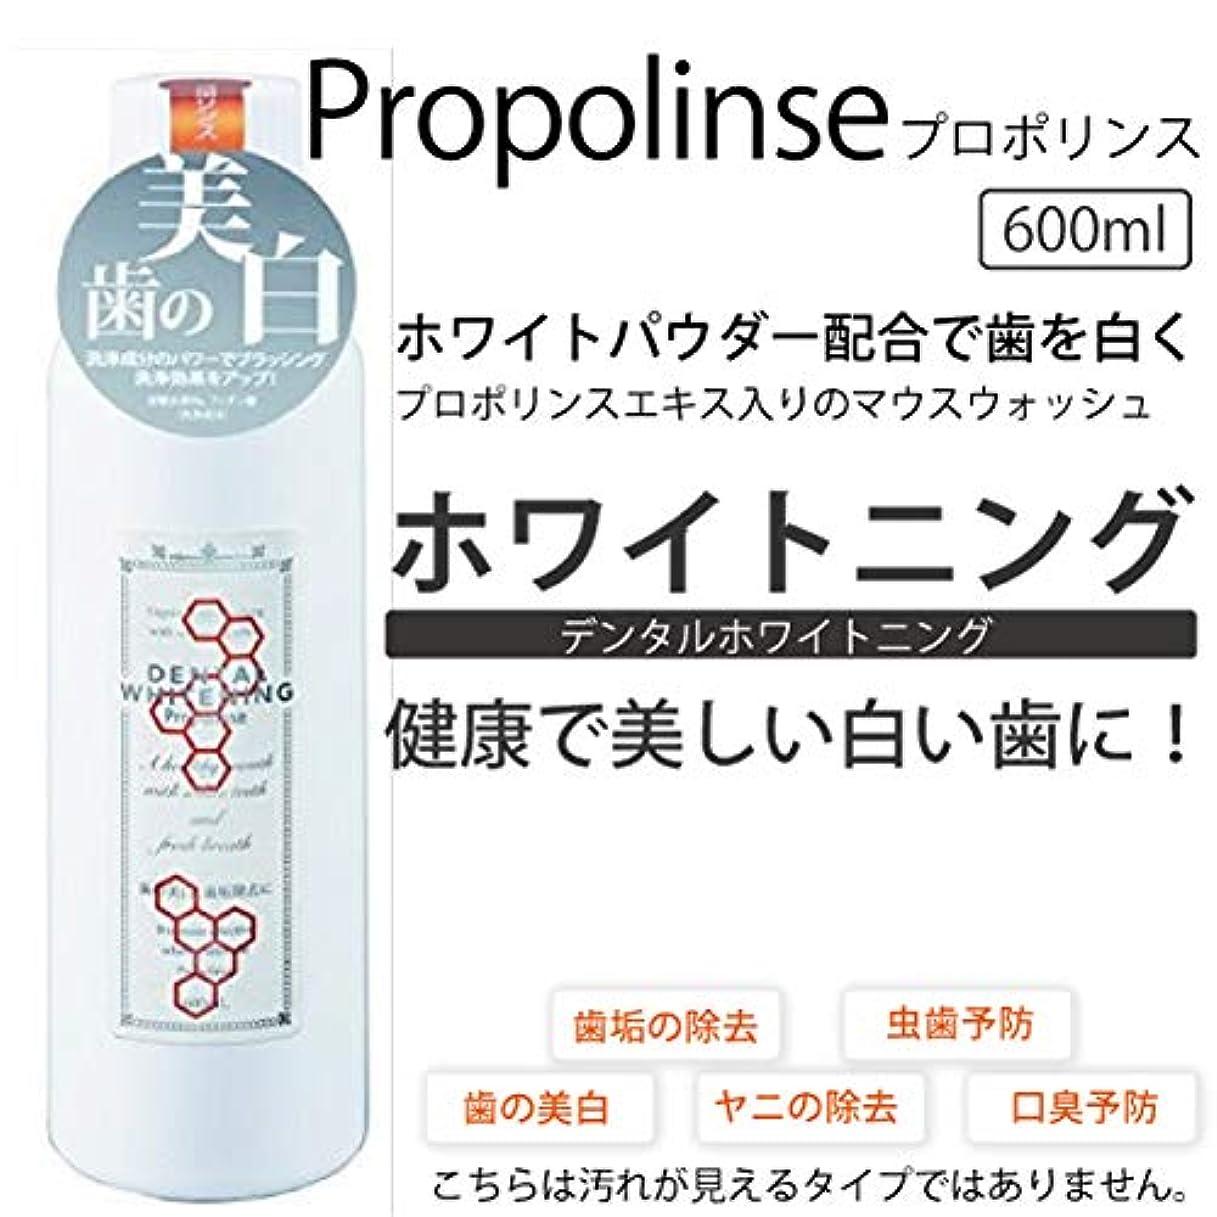 させる申し立てシガレットプロポリンス マウスウォッシュ デンタルホワイトニング (ホワイトパウダー配合で歯を白く) 600ml [30本セット] 口臭対策